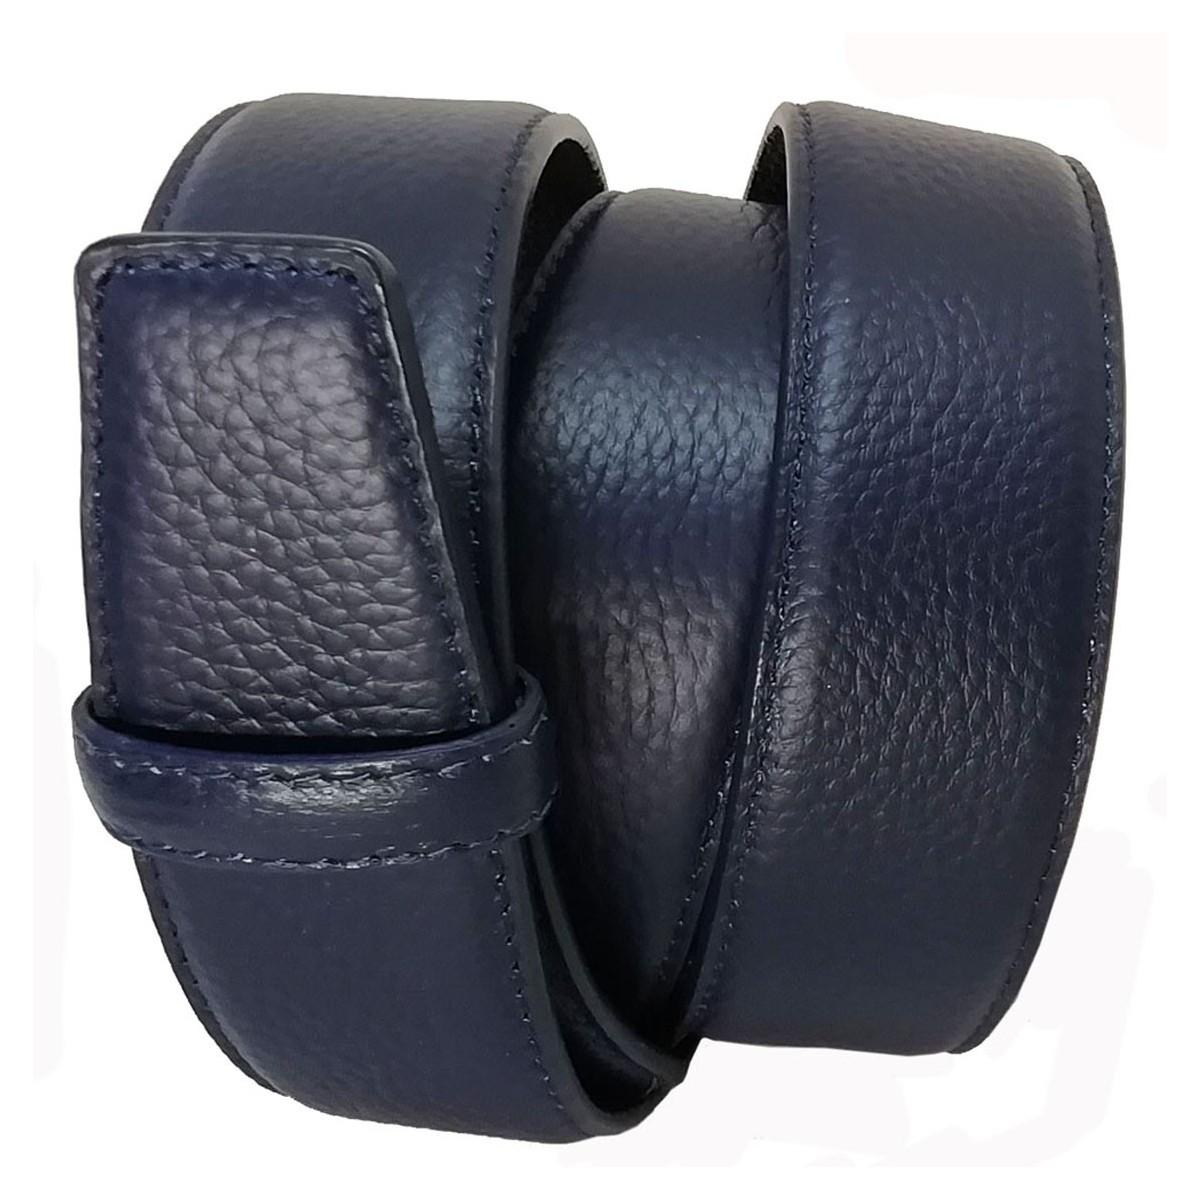 Lanière cuir pleine fleur finition Les Classiques Bleue pour ceinture à boucle automatique